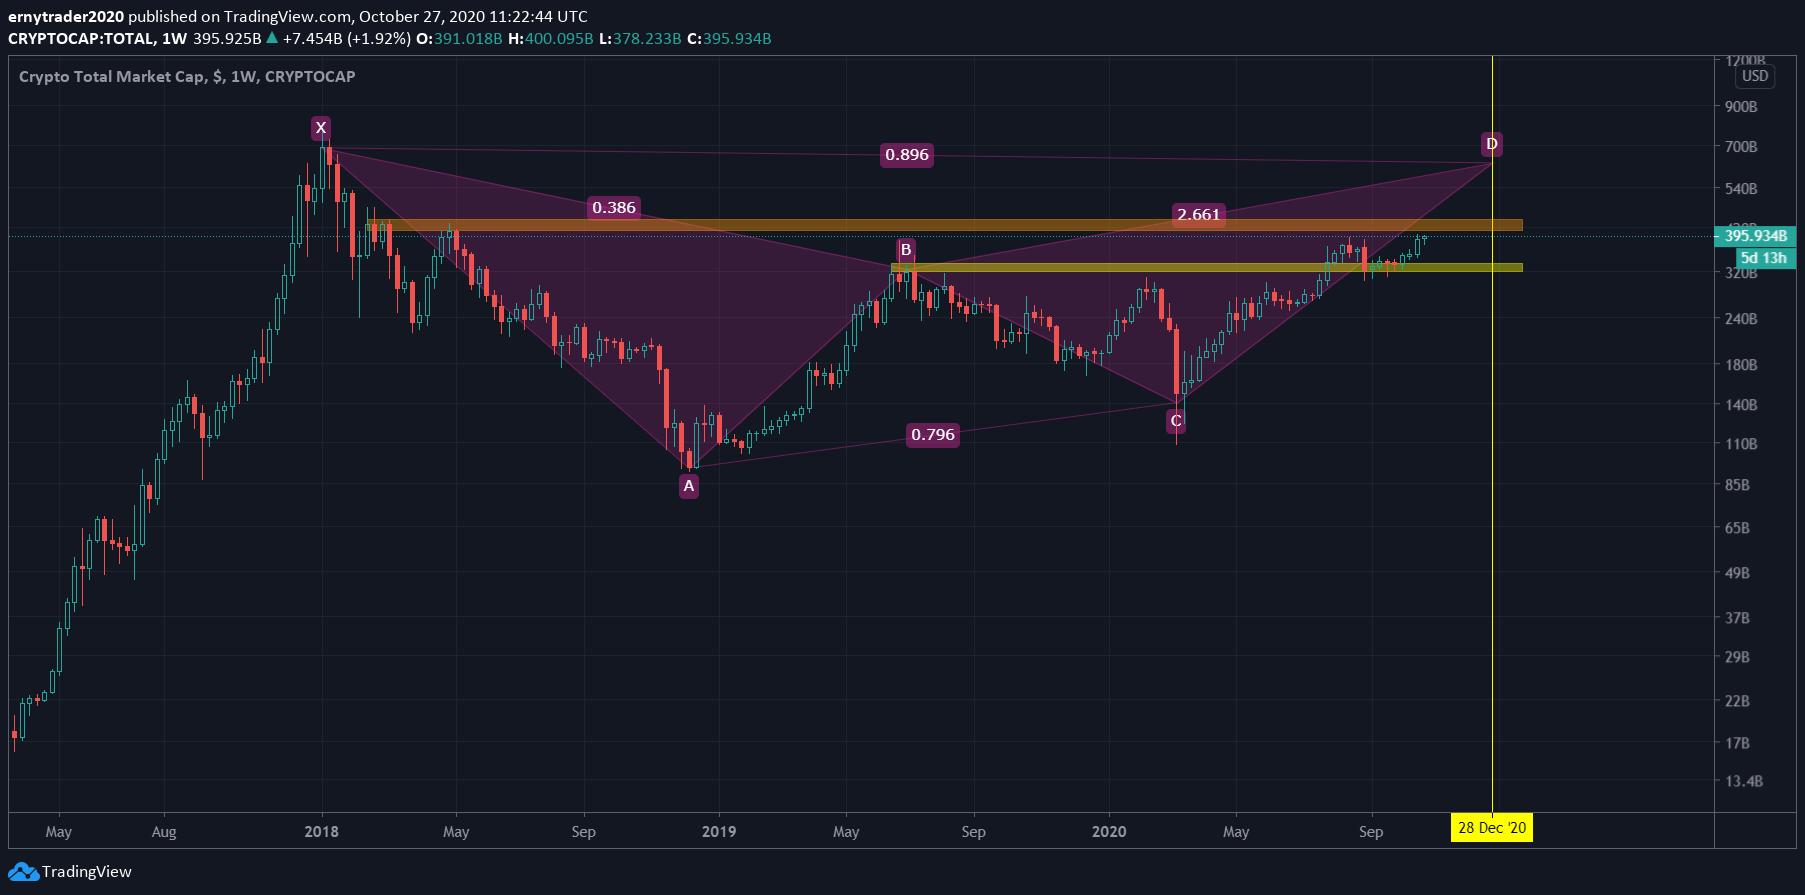 بررسی روند حجم بازار